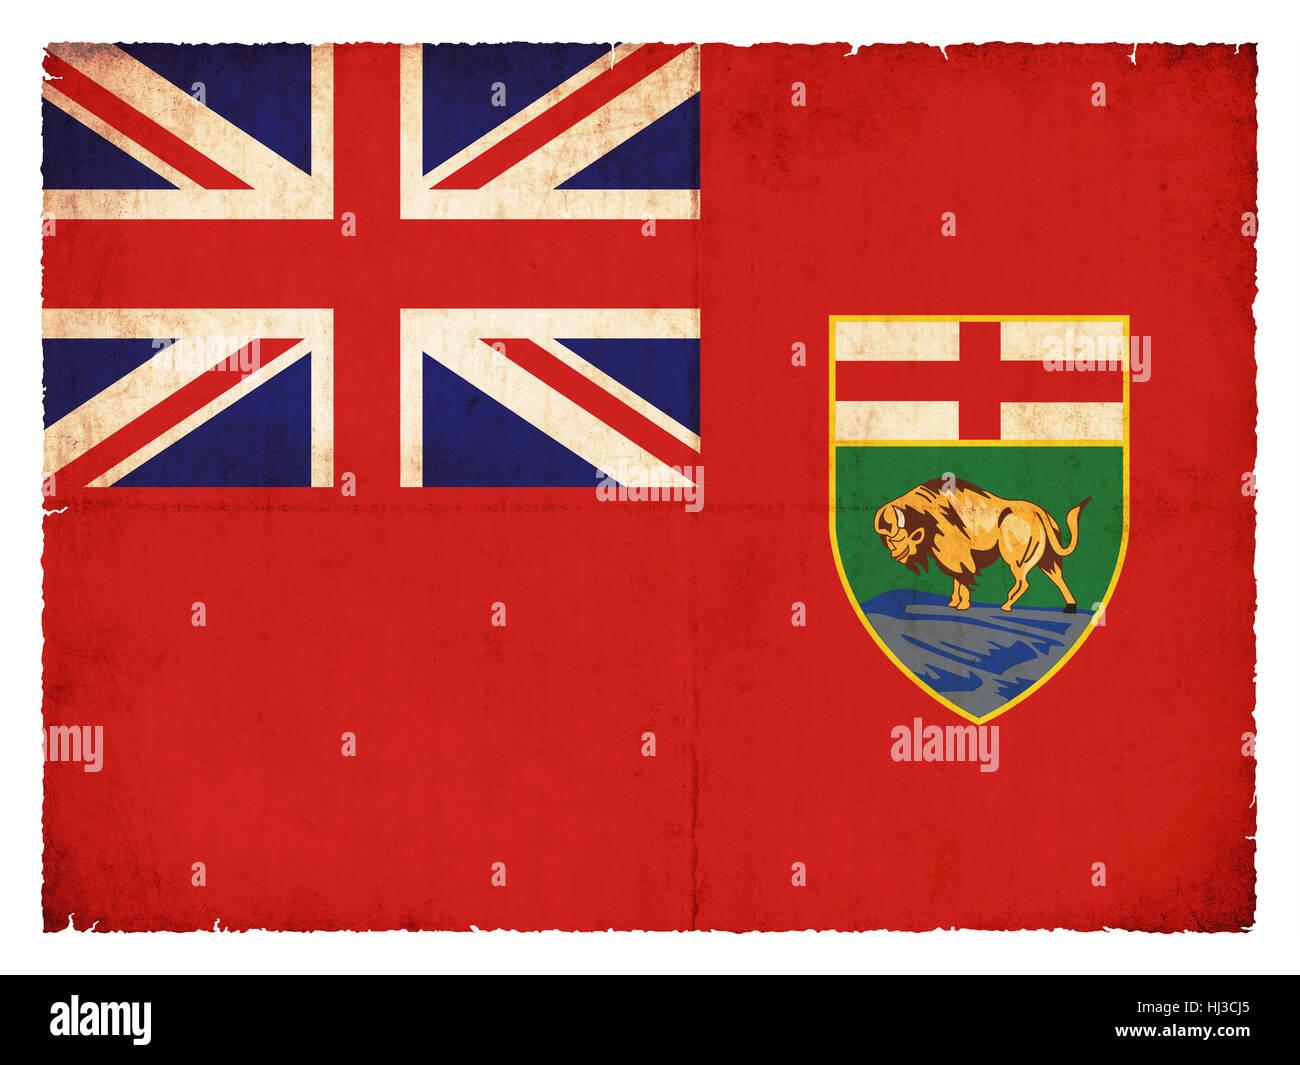 Bandiera grunge manitoba (provincia canadese) Foto Stock